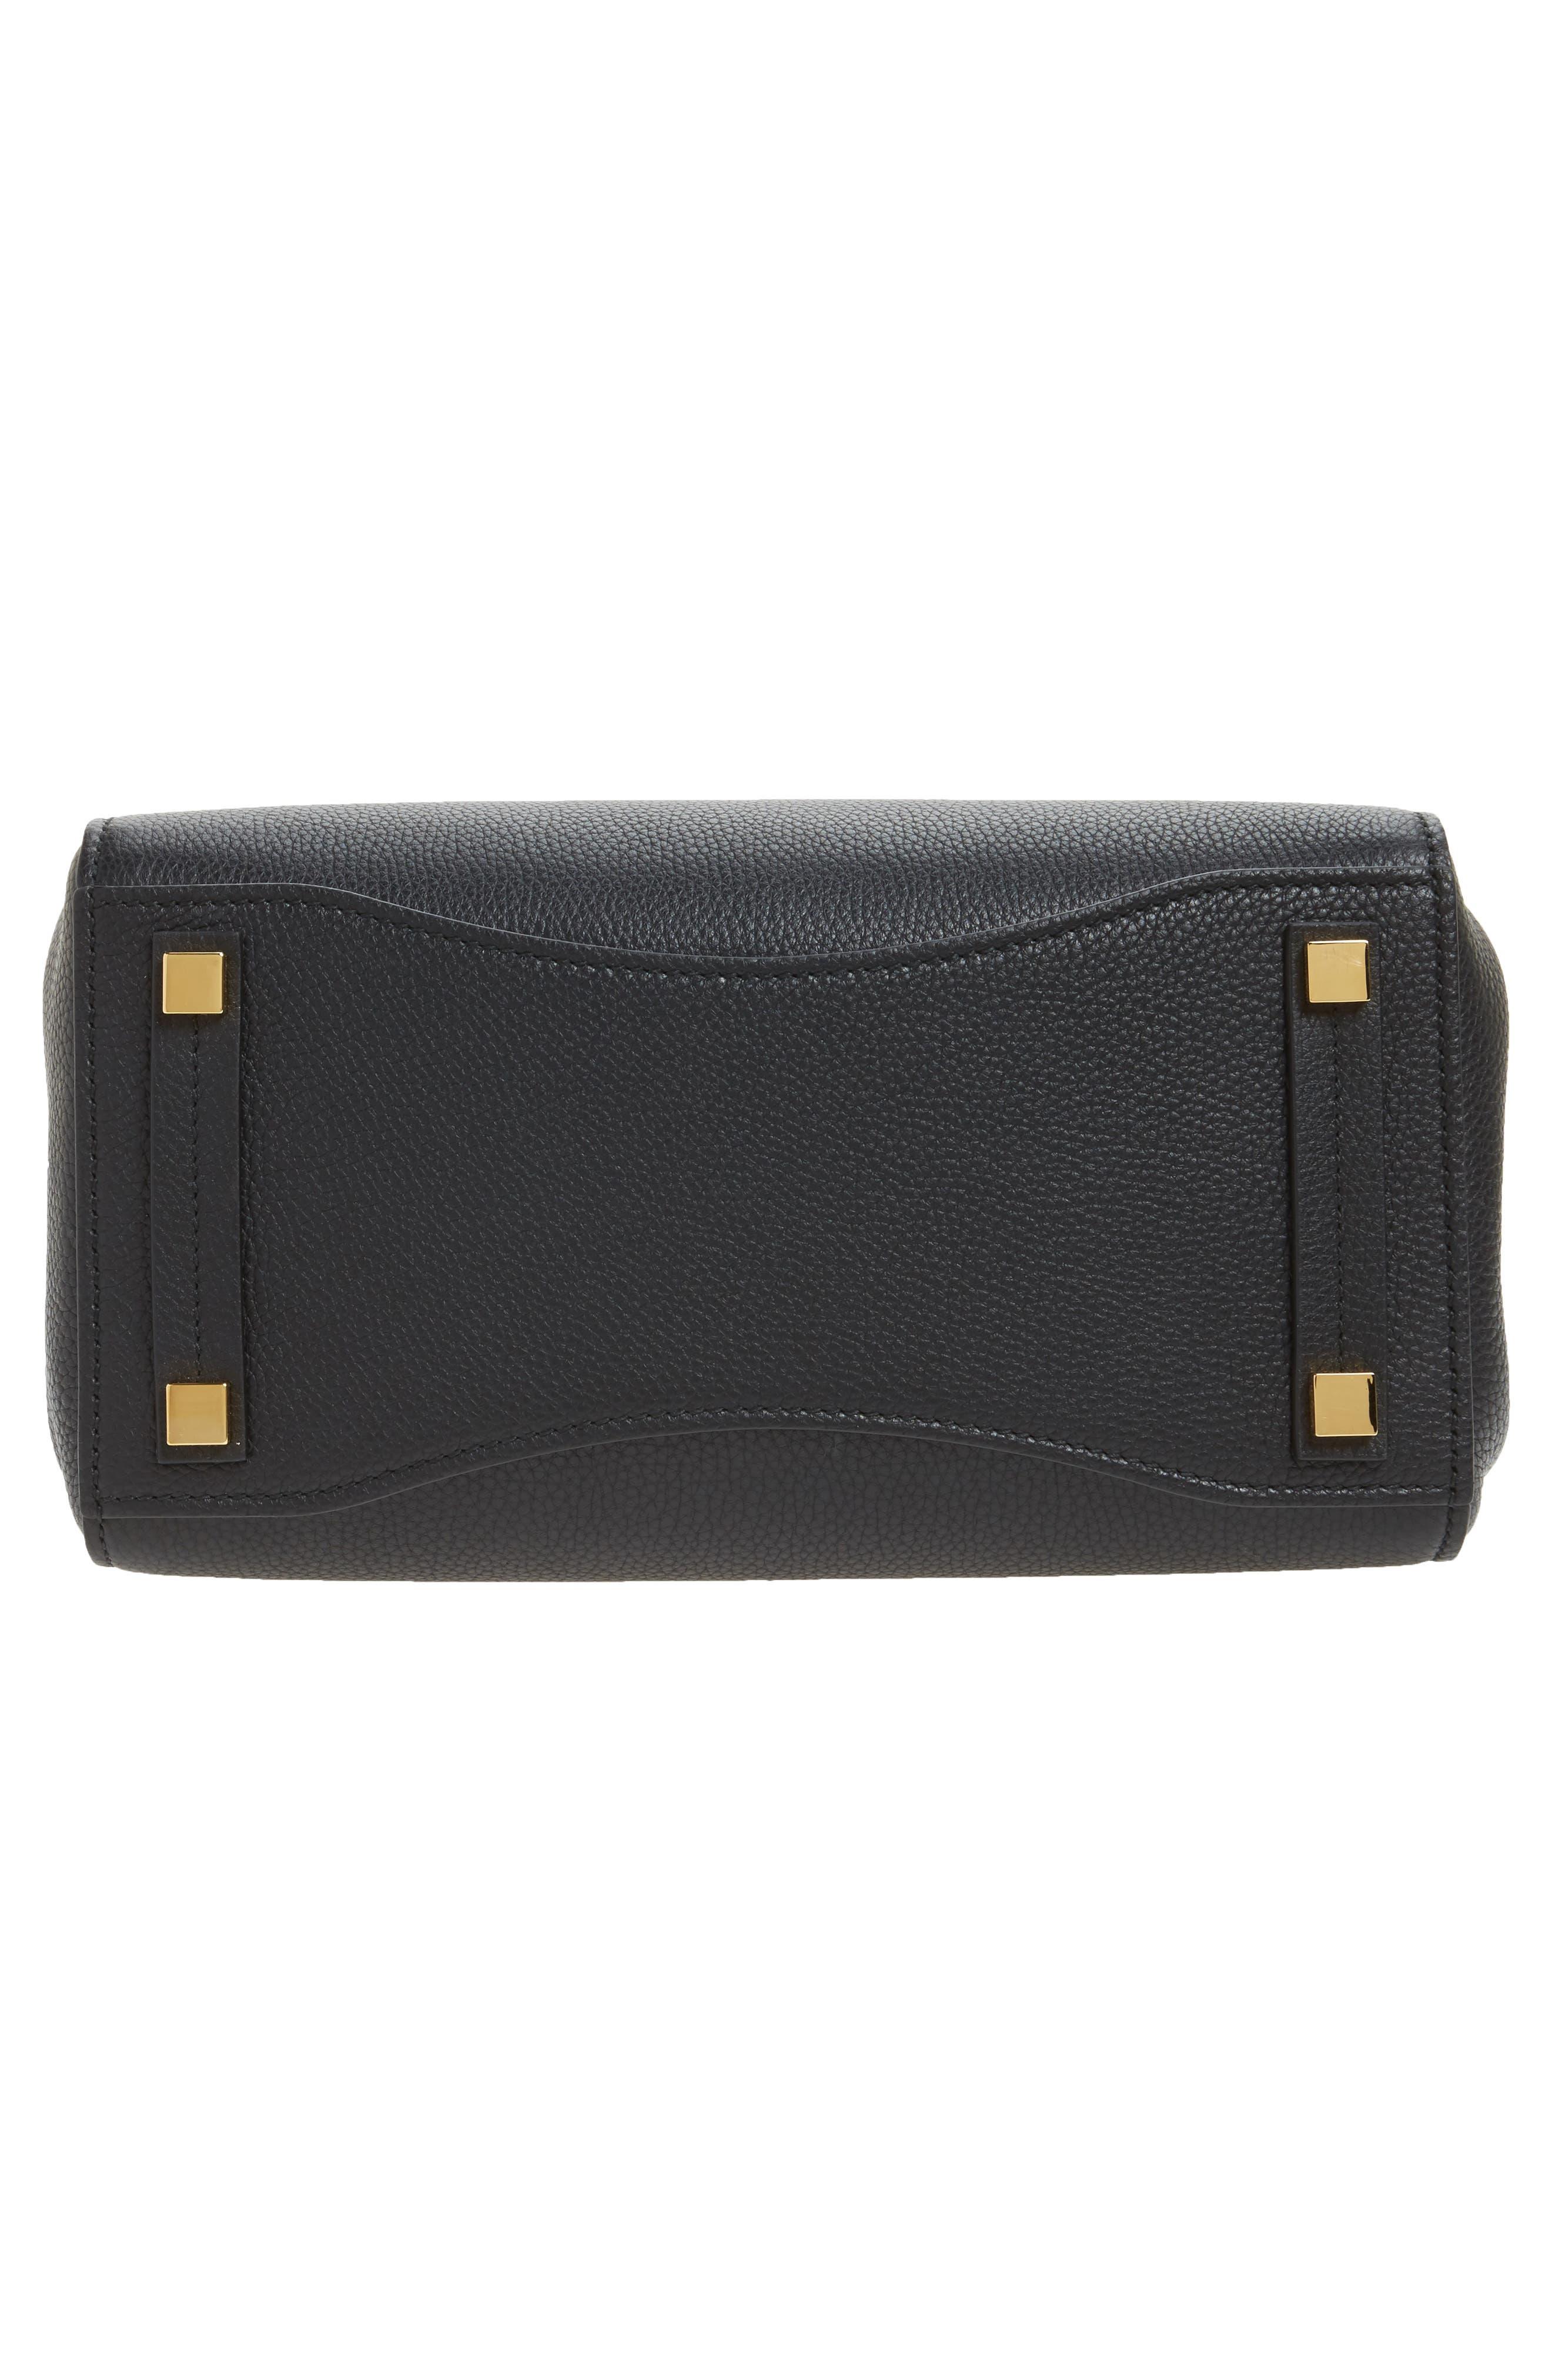 Large Bancroft Leather Top Handle Satchel,                             Alternate thumbnail 6, color,                             001